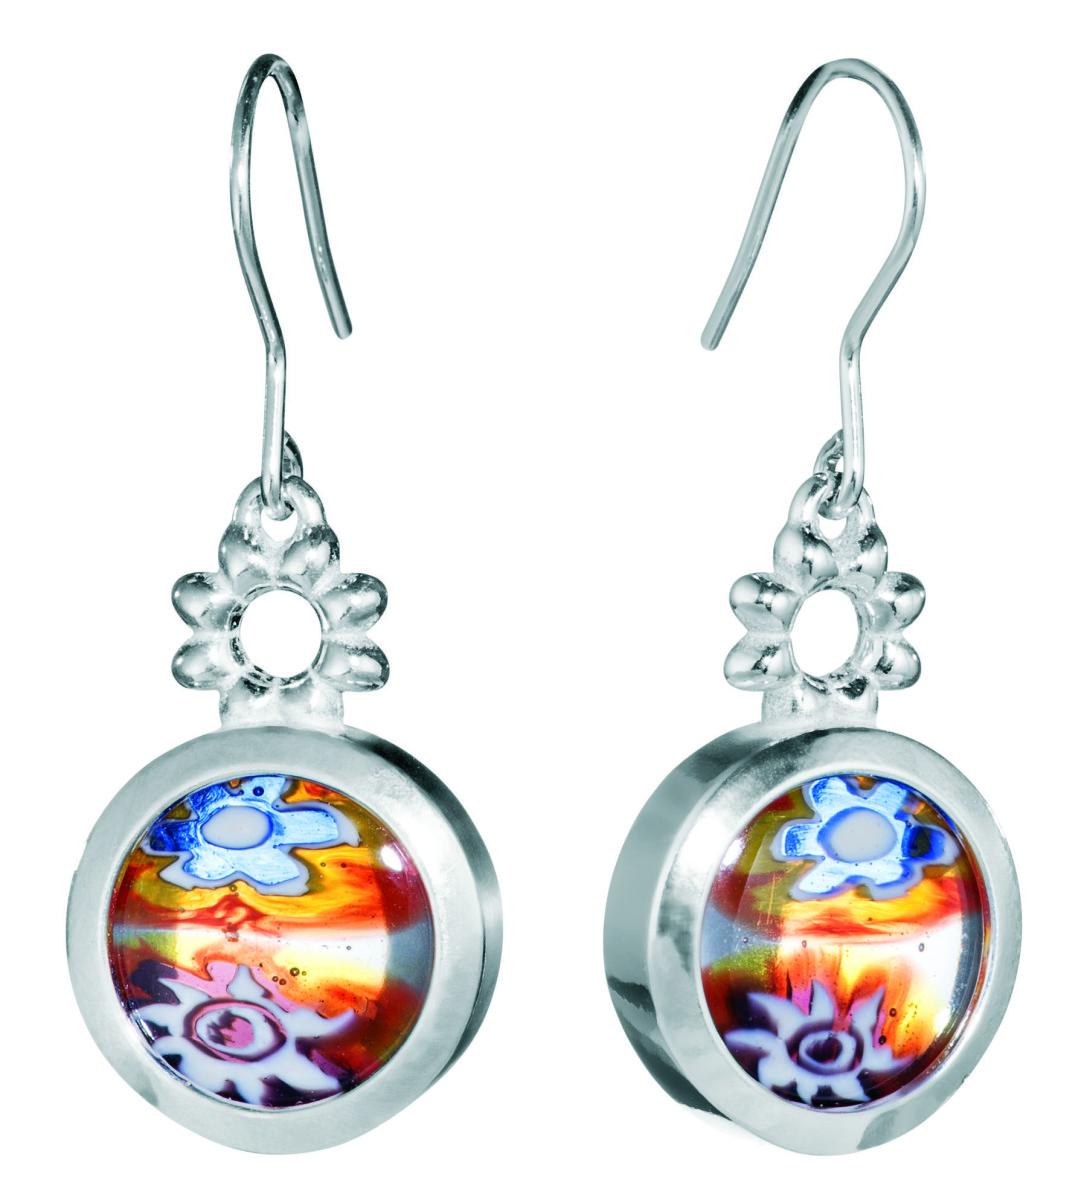 Compressed My Millefiori earrings